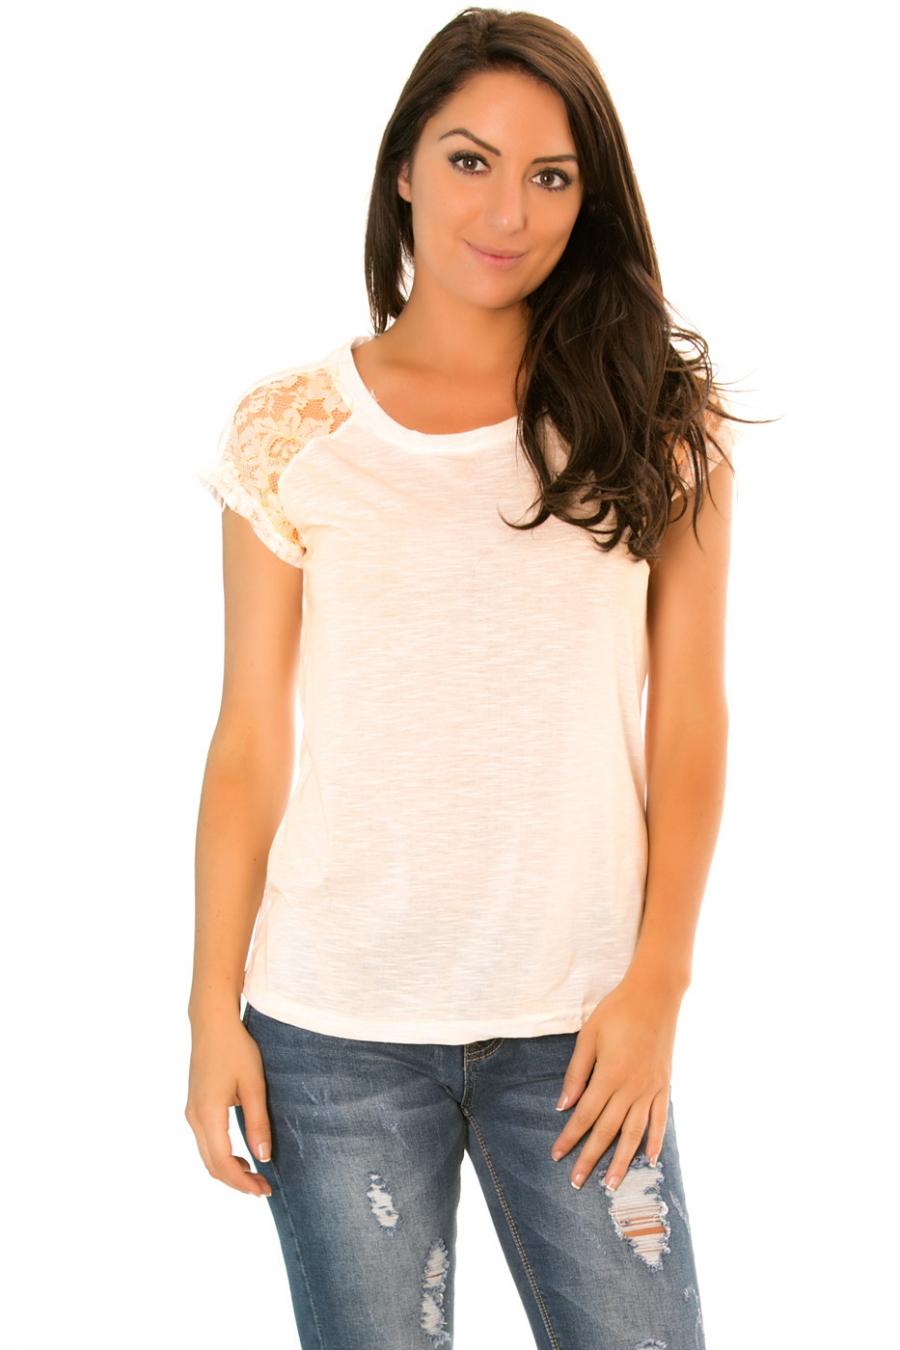 Tee shirt Saumon avec dentelles sur les épaules - 2515